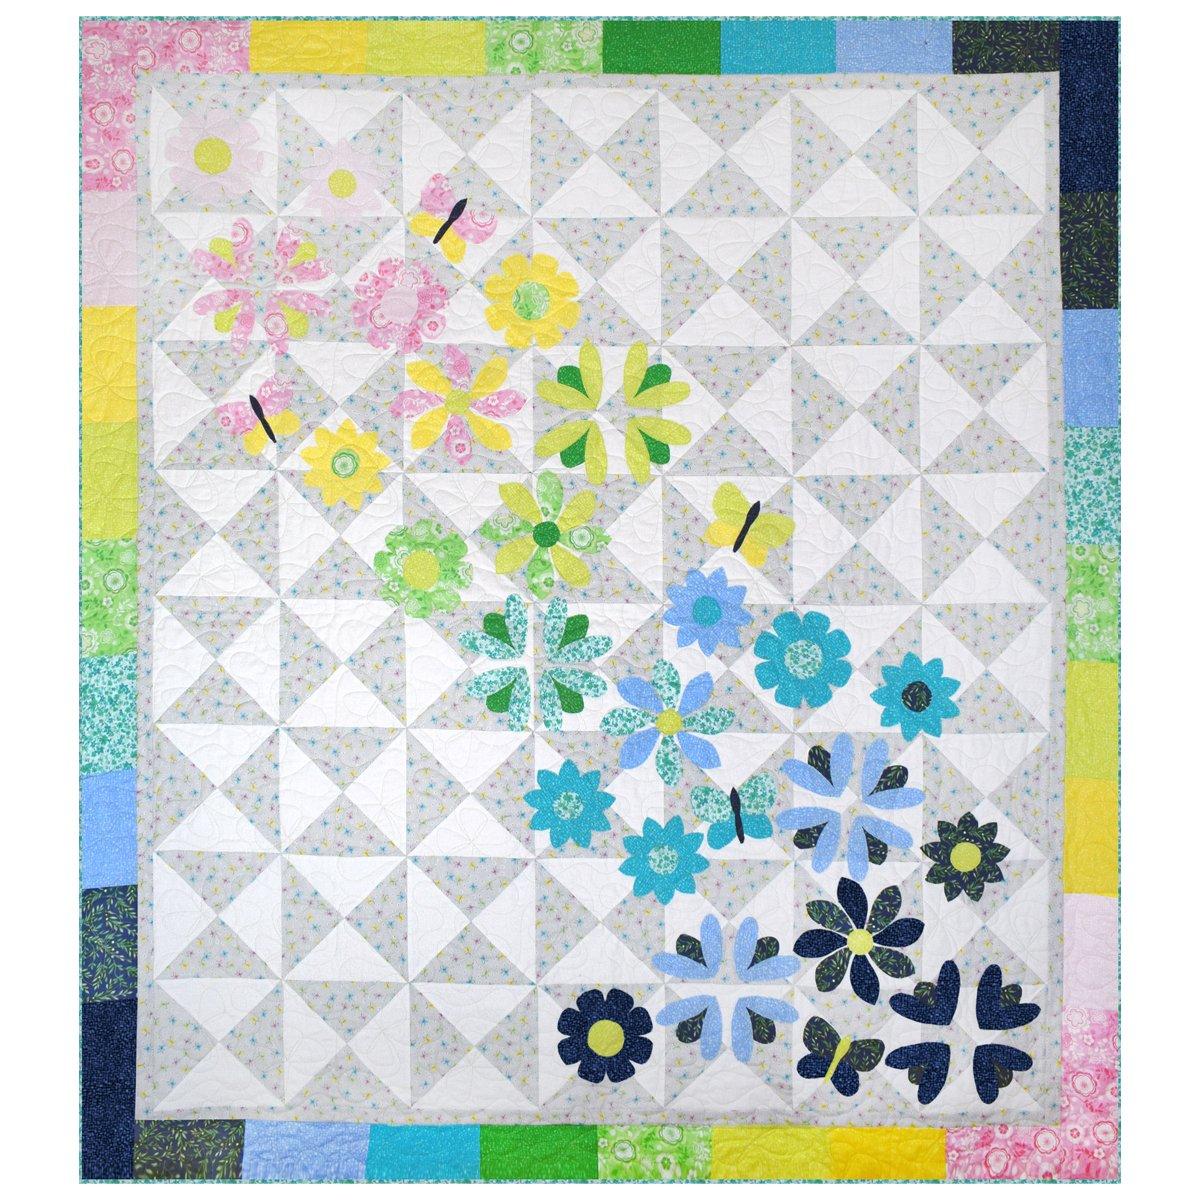 Windham Fabrics Kits - All A Flutter 51452QK Quilt Kit $93.70/per kit